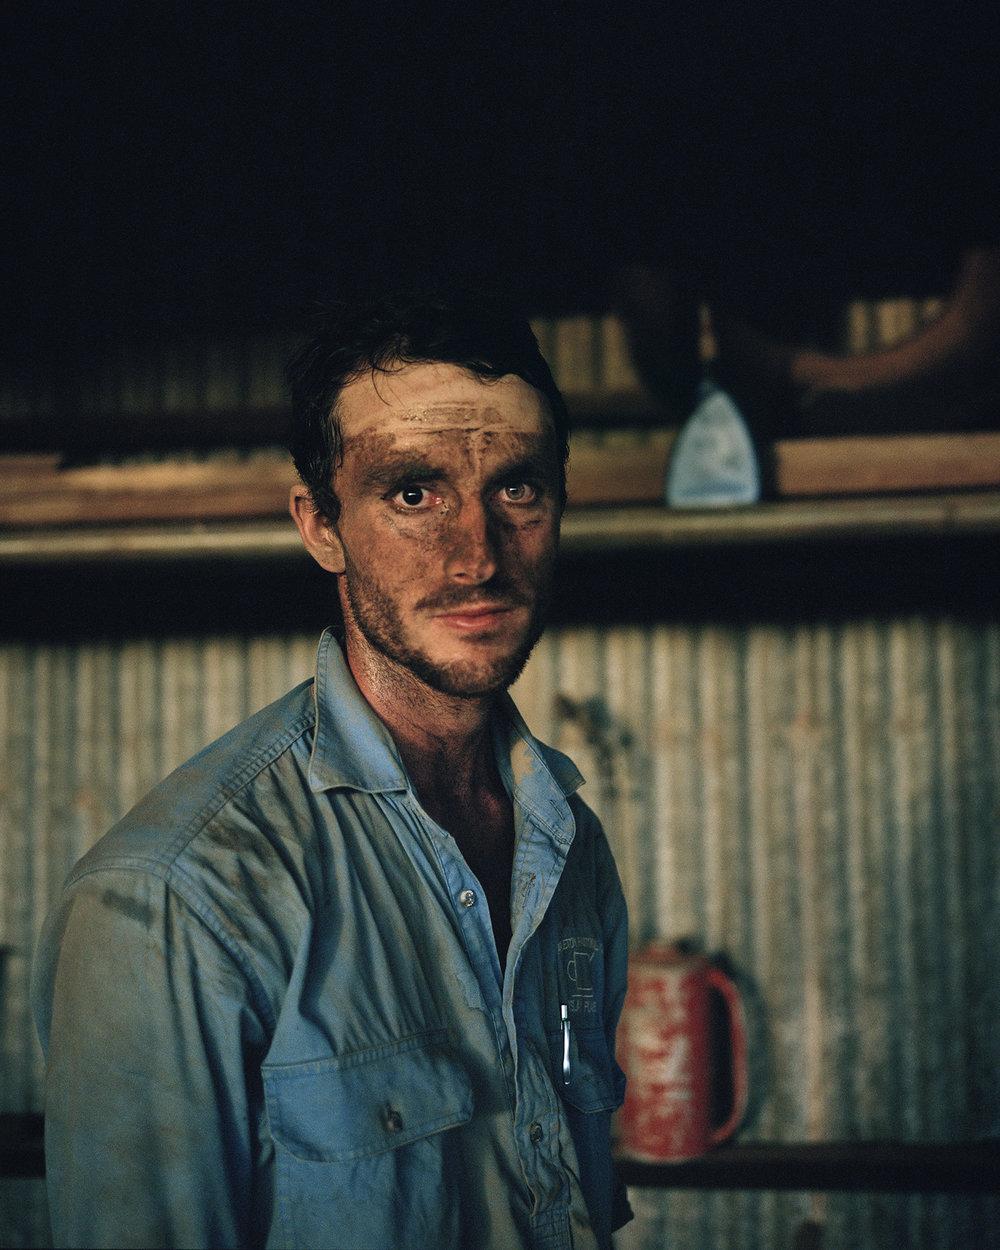 Cattle station ringer, Australia for  The New York Times